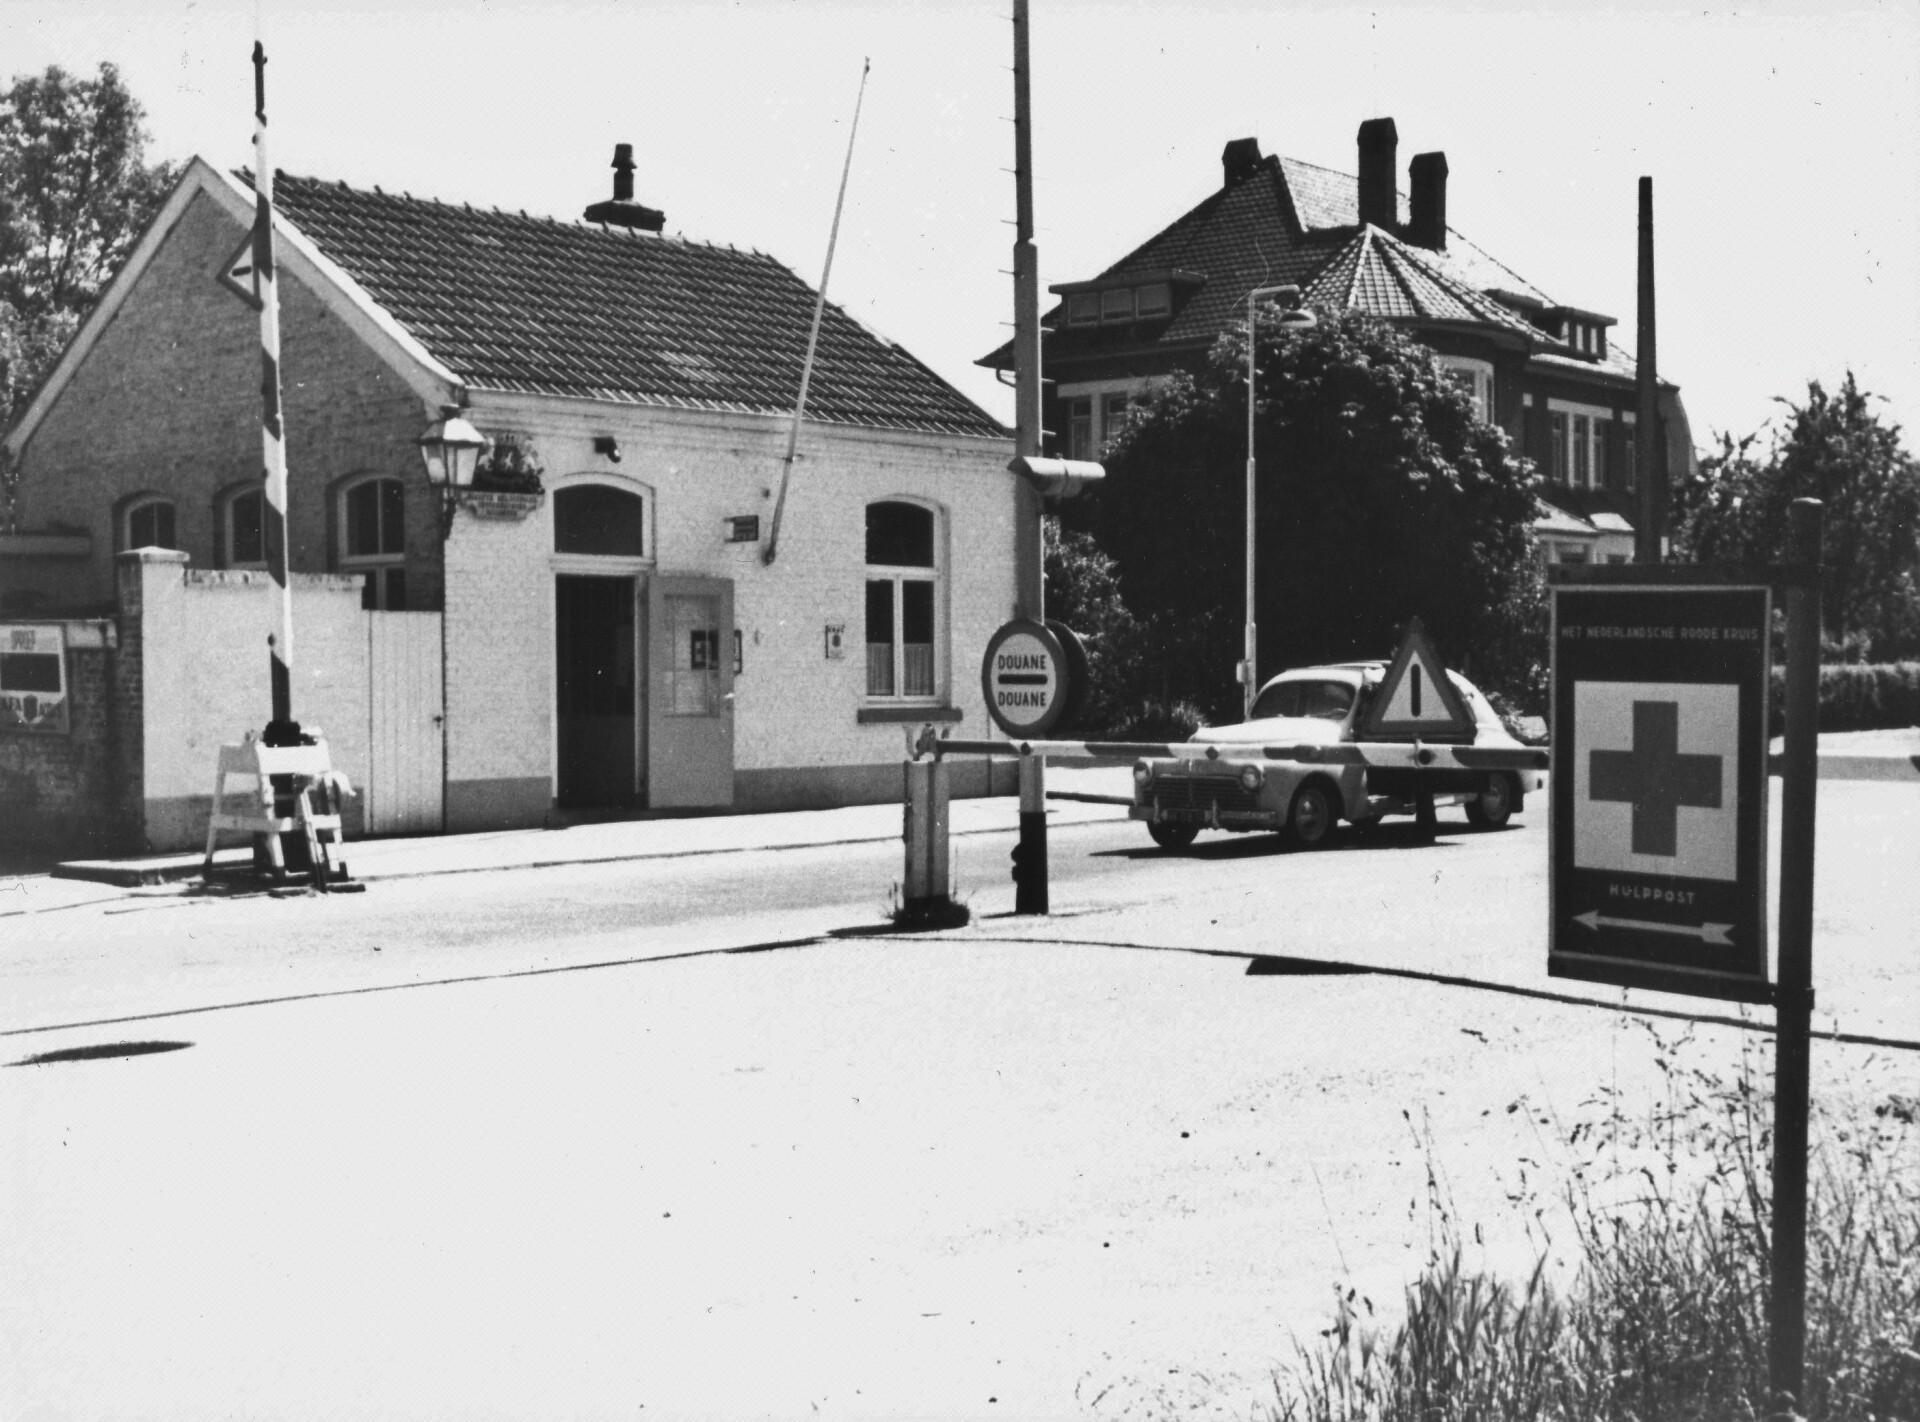 Grens-Wolder-Maastricht-met-een-Peugeot-